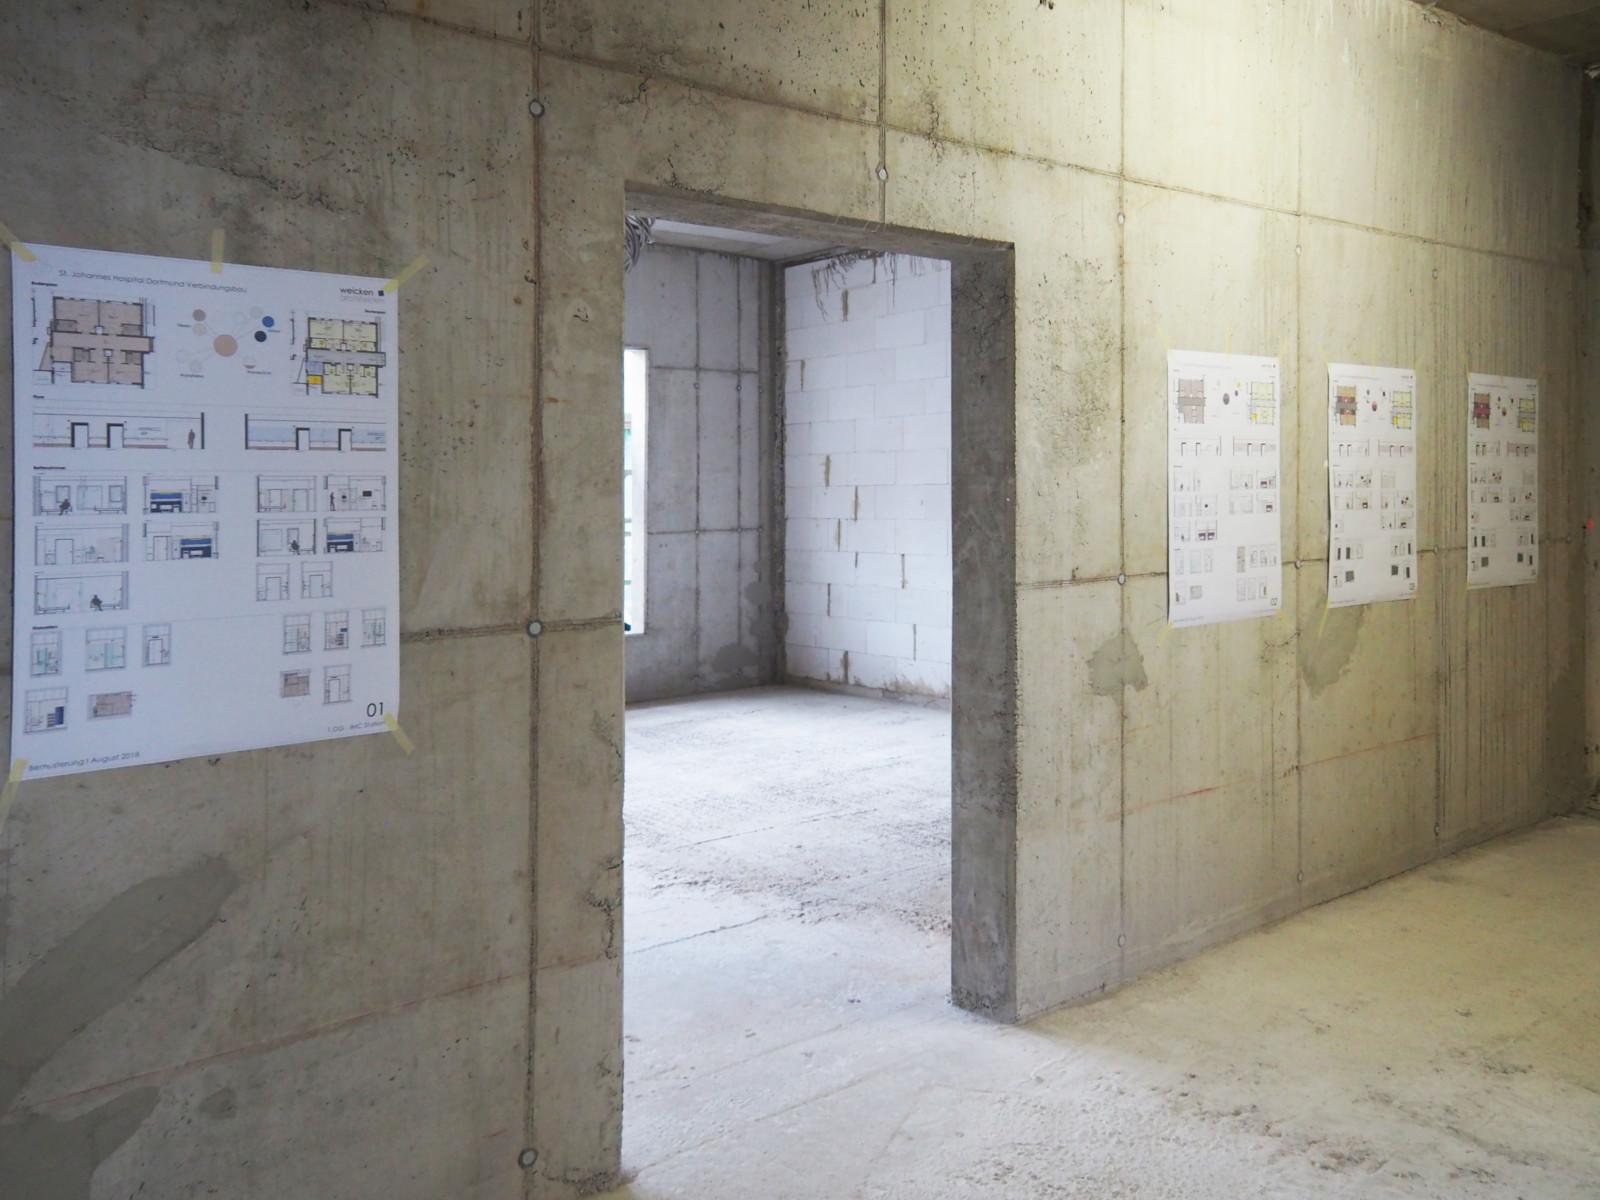 Planzeichnungen vermitteln die Atmosphäre des Gebäudes